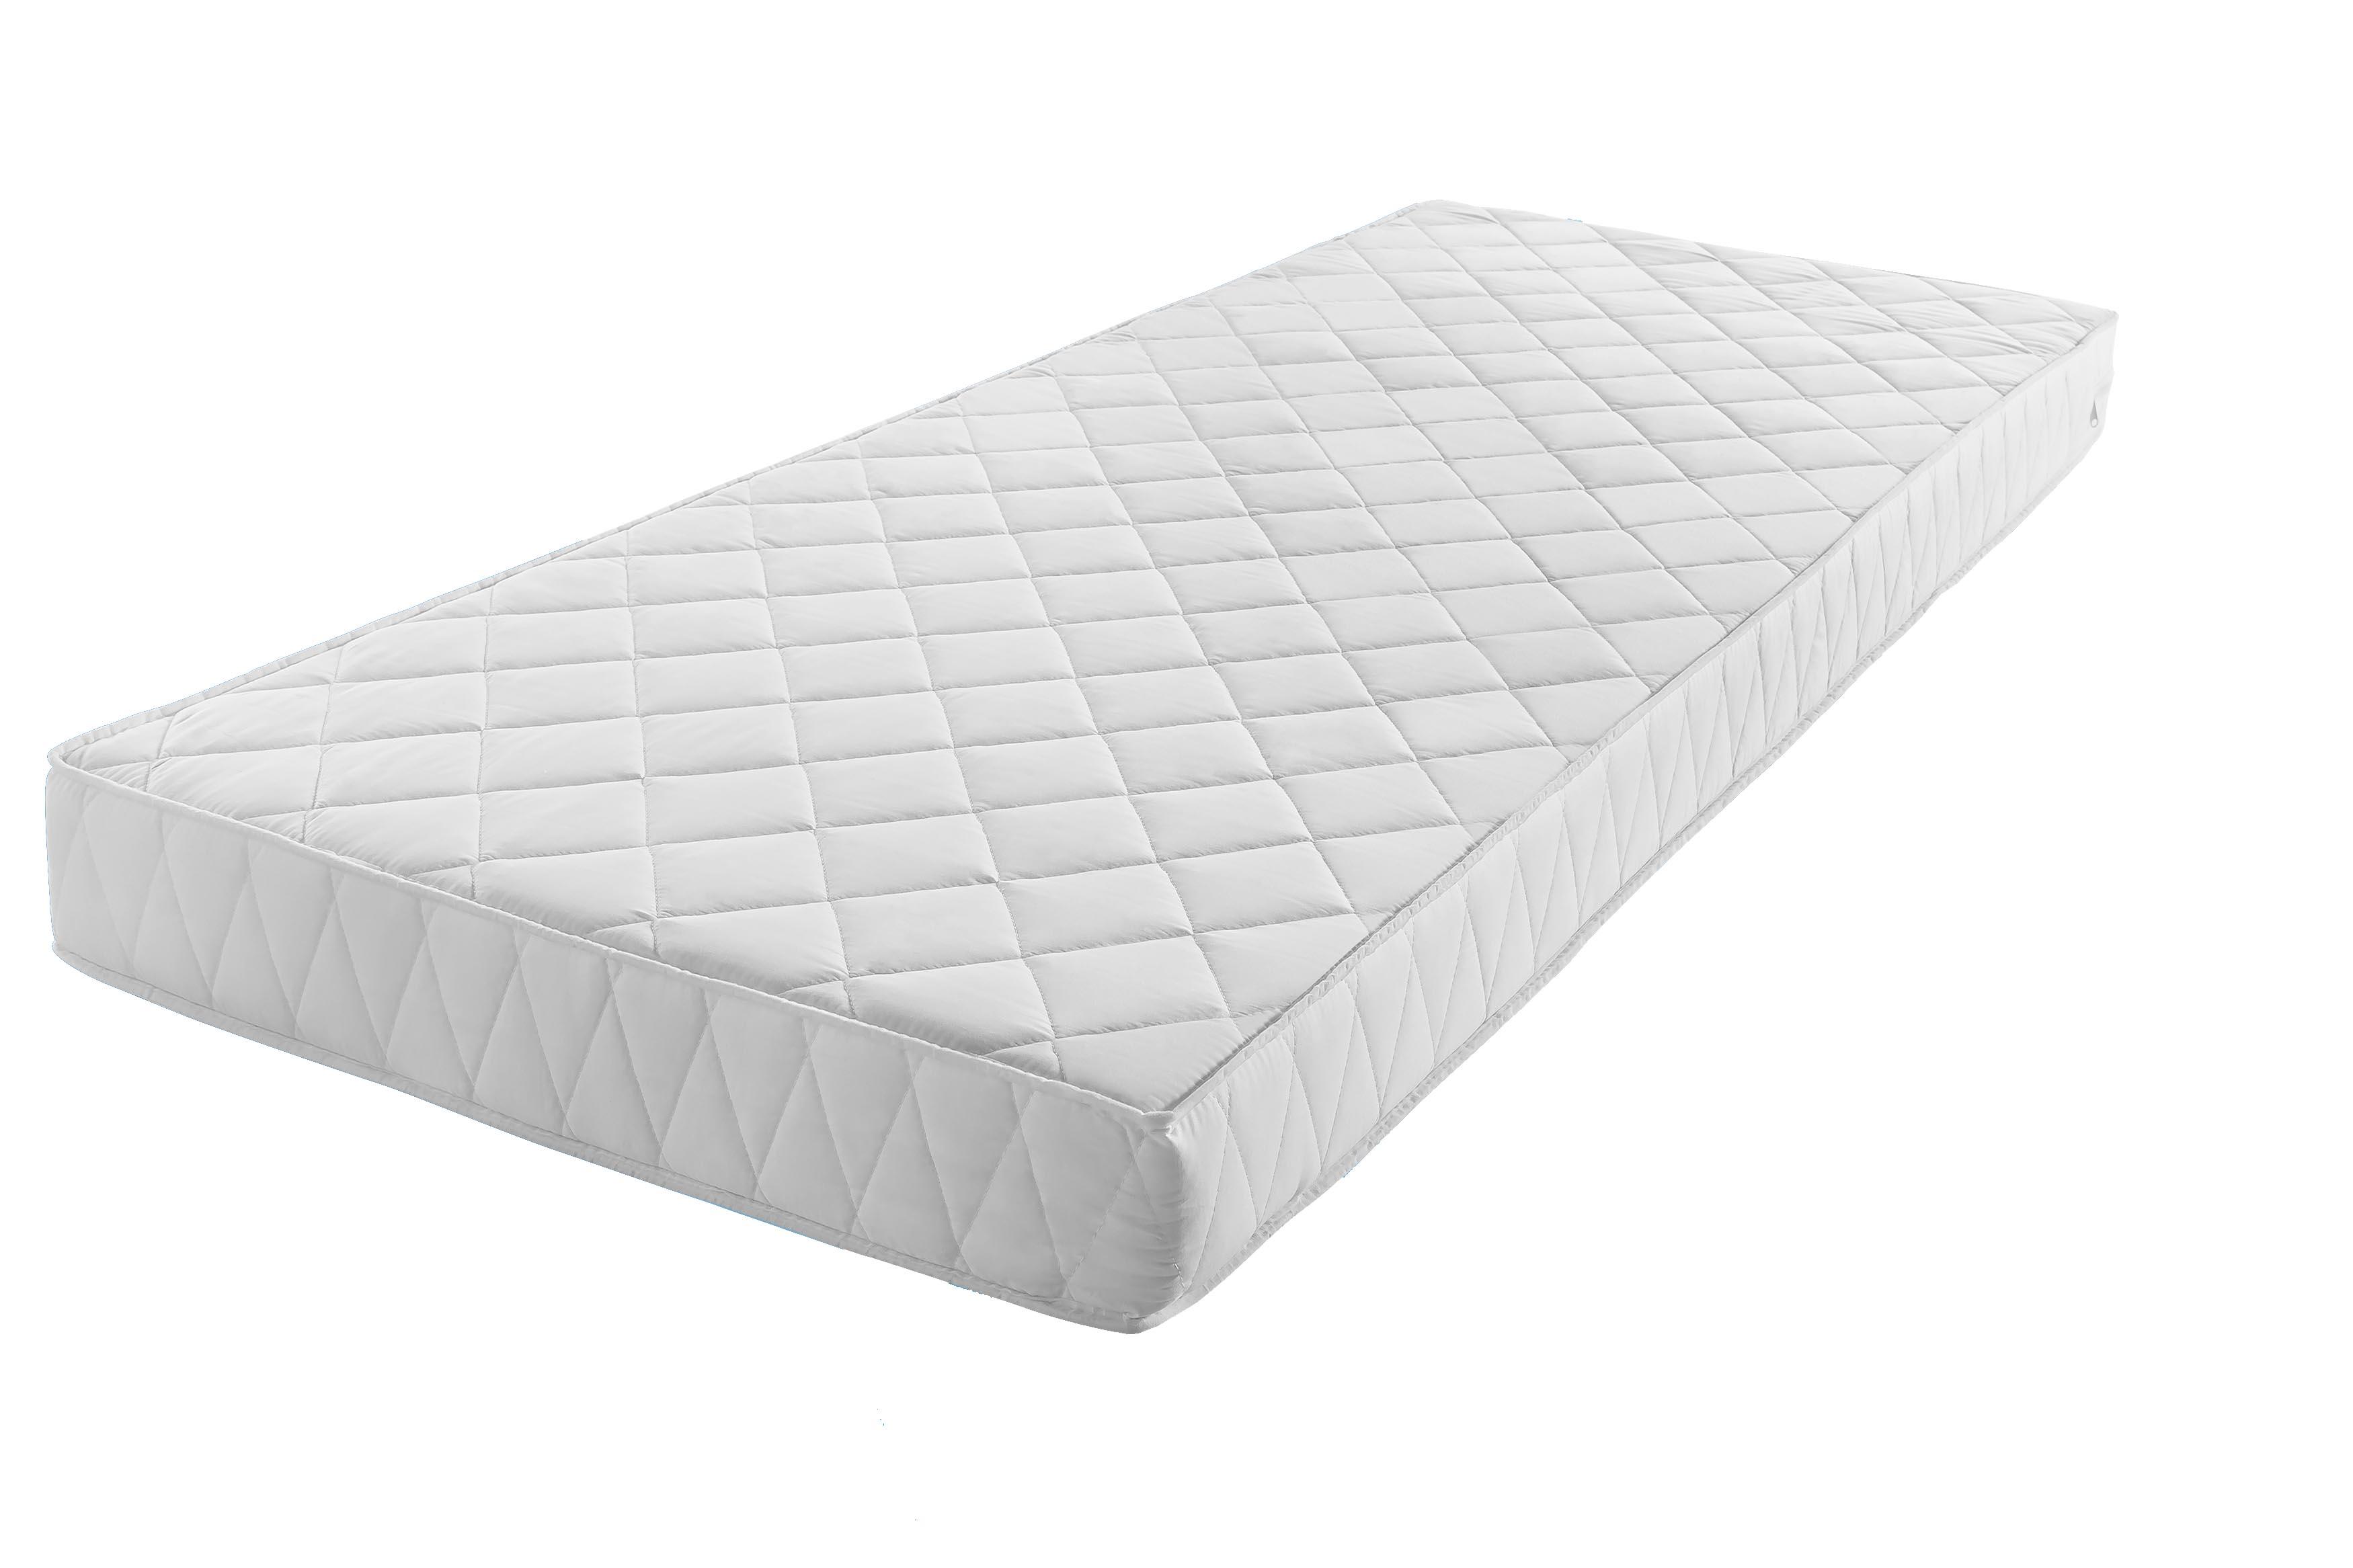 rollmatratze 90x200 d nisches bettenlager m bel bettwaren online shop rollmatratze 90x200. Black Bedroom Furniture Sets. Home Design Ideas